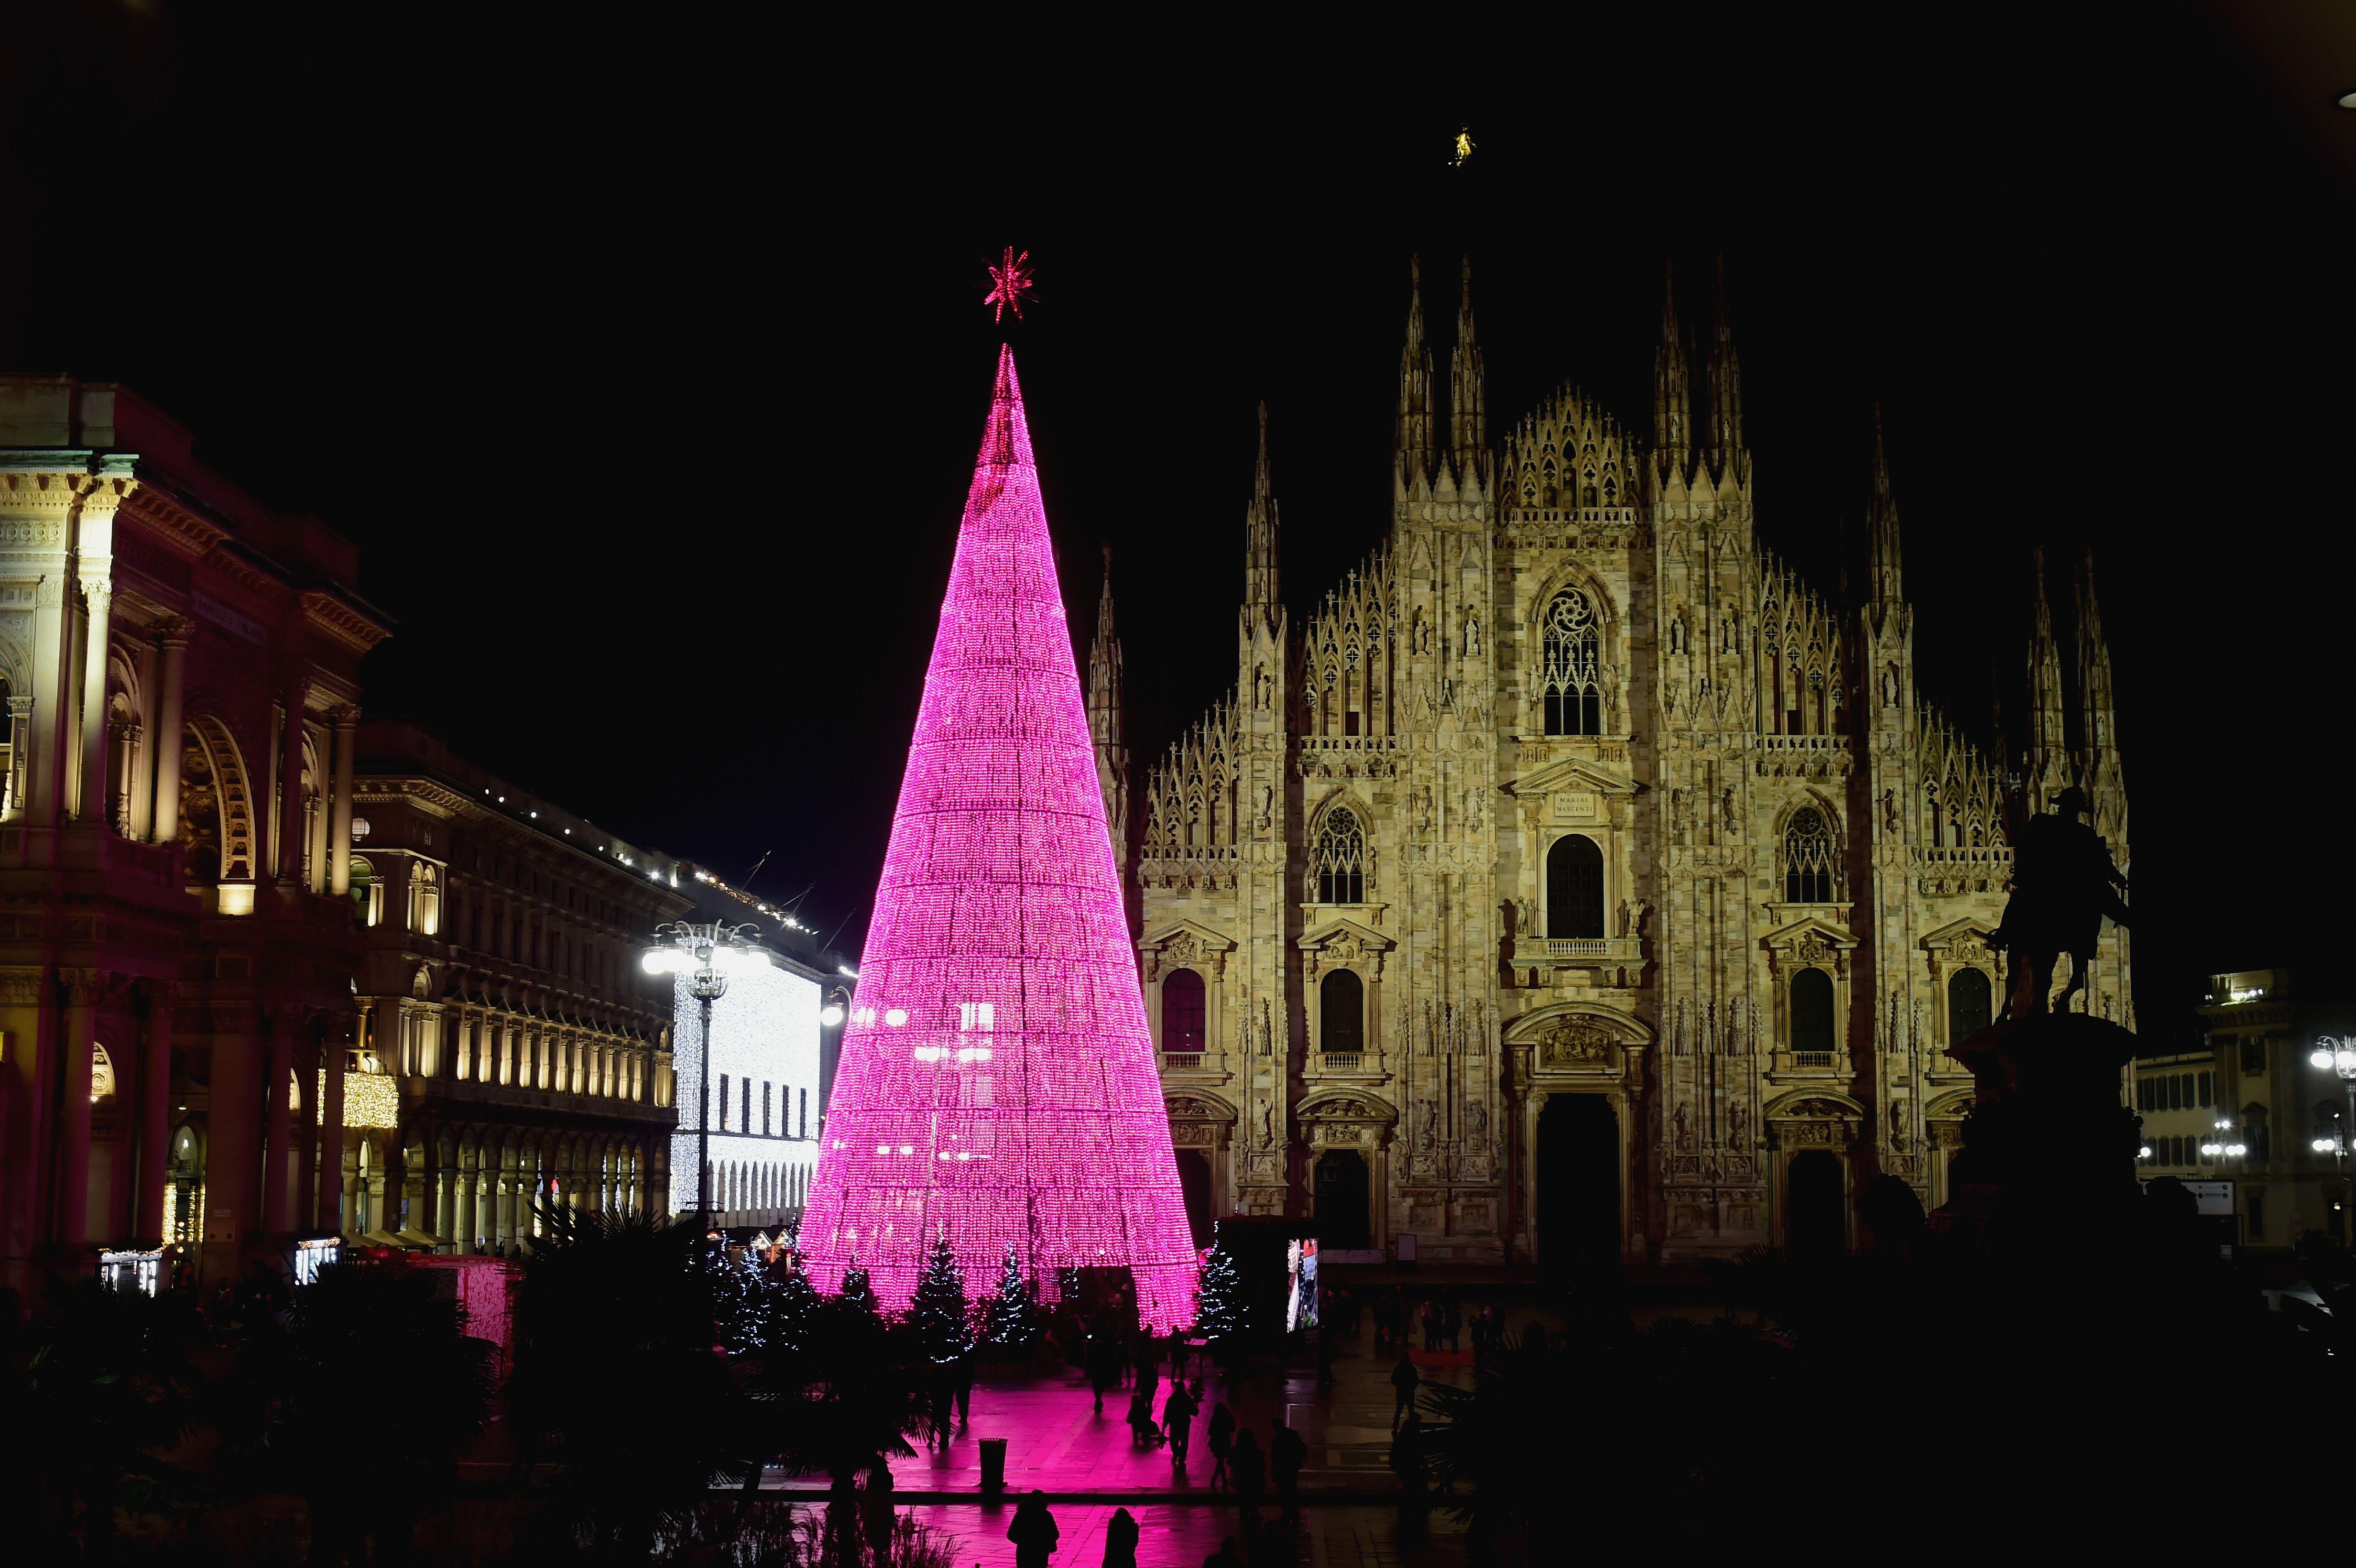 Le città vengono addobbate a festa con decorazioni luminose e abeti. Le Luminarie Di Natale Piu Belle D Europa Tra Luccichii E Qualche Riflessione